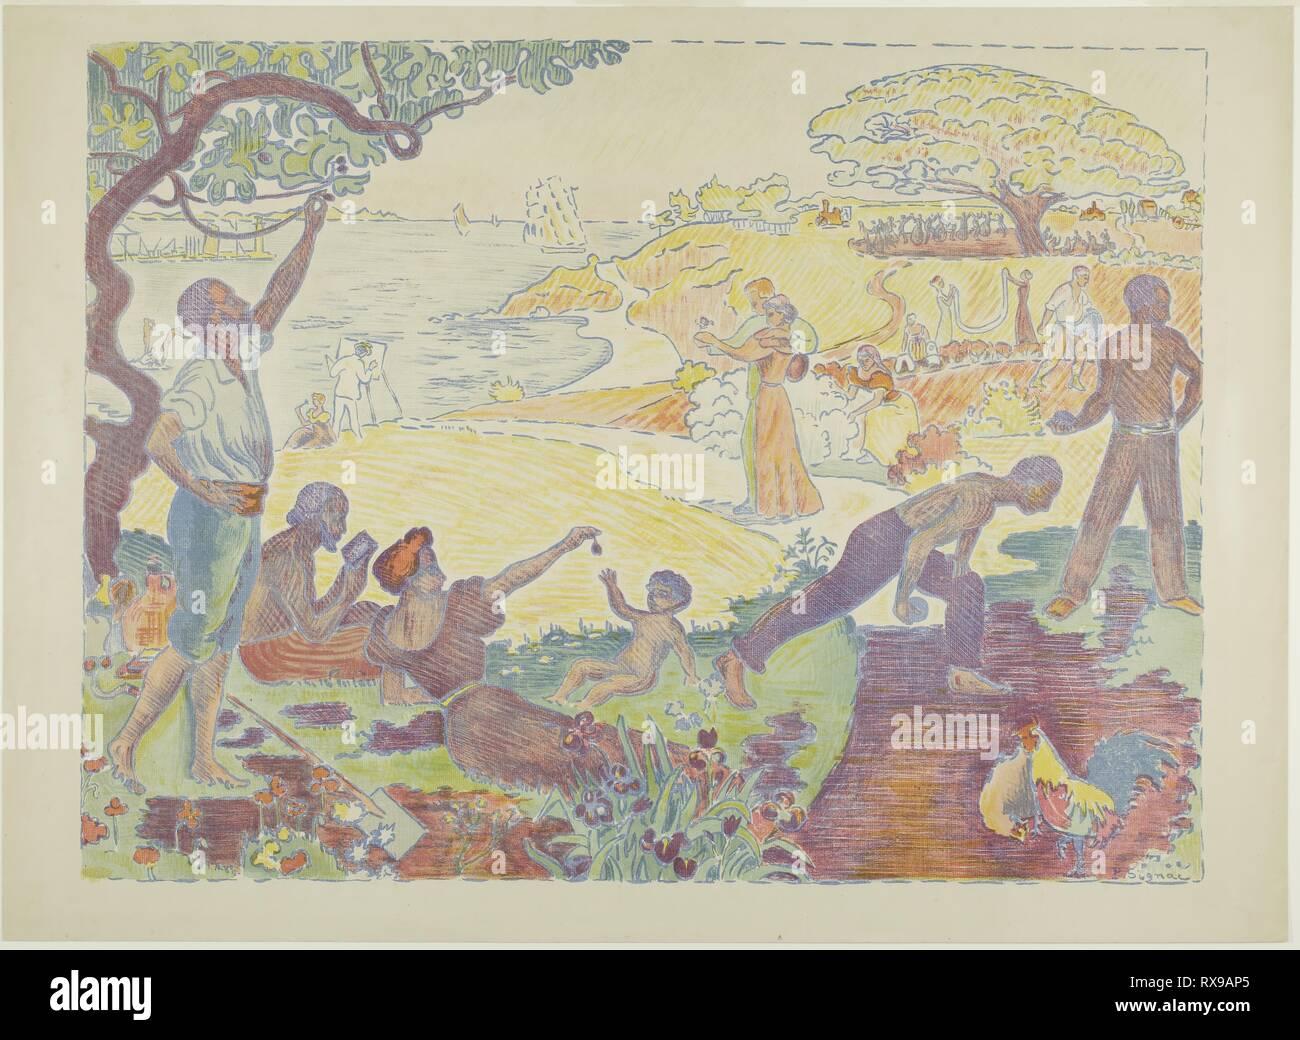 En tiempos de paz y armonía. Paul Signac (Francés, 1863-1935); impreso por Tailliardat. Fecha: 1895-1896. Dimensiones: 377 x 502 mm (imagen); 419 × 580 mm (hoja). Litografía en color verde, azul, amarillo, rojo y melocotón, con el raspado de la placa, a partir de una placa de zinc en buff tejió el papel. Origen: Francia. Museo: El Instituto de Arte de Chicago. Foto de stock